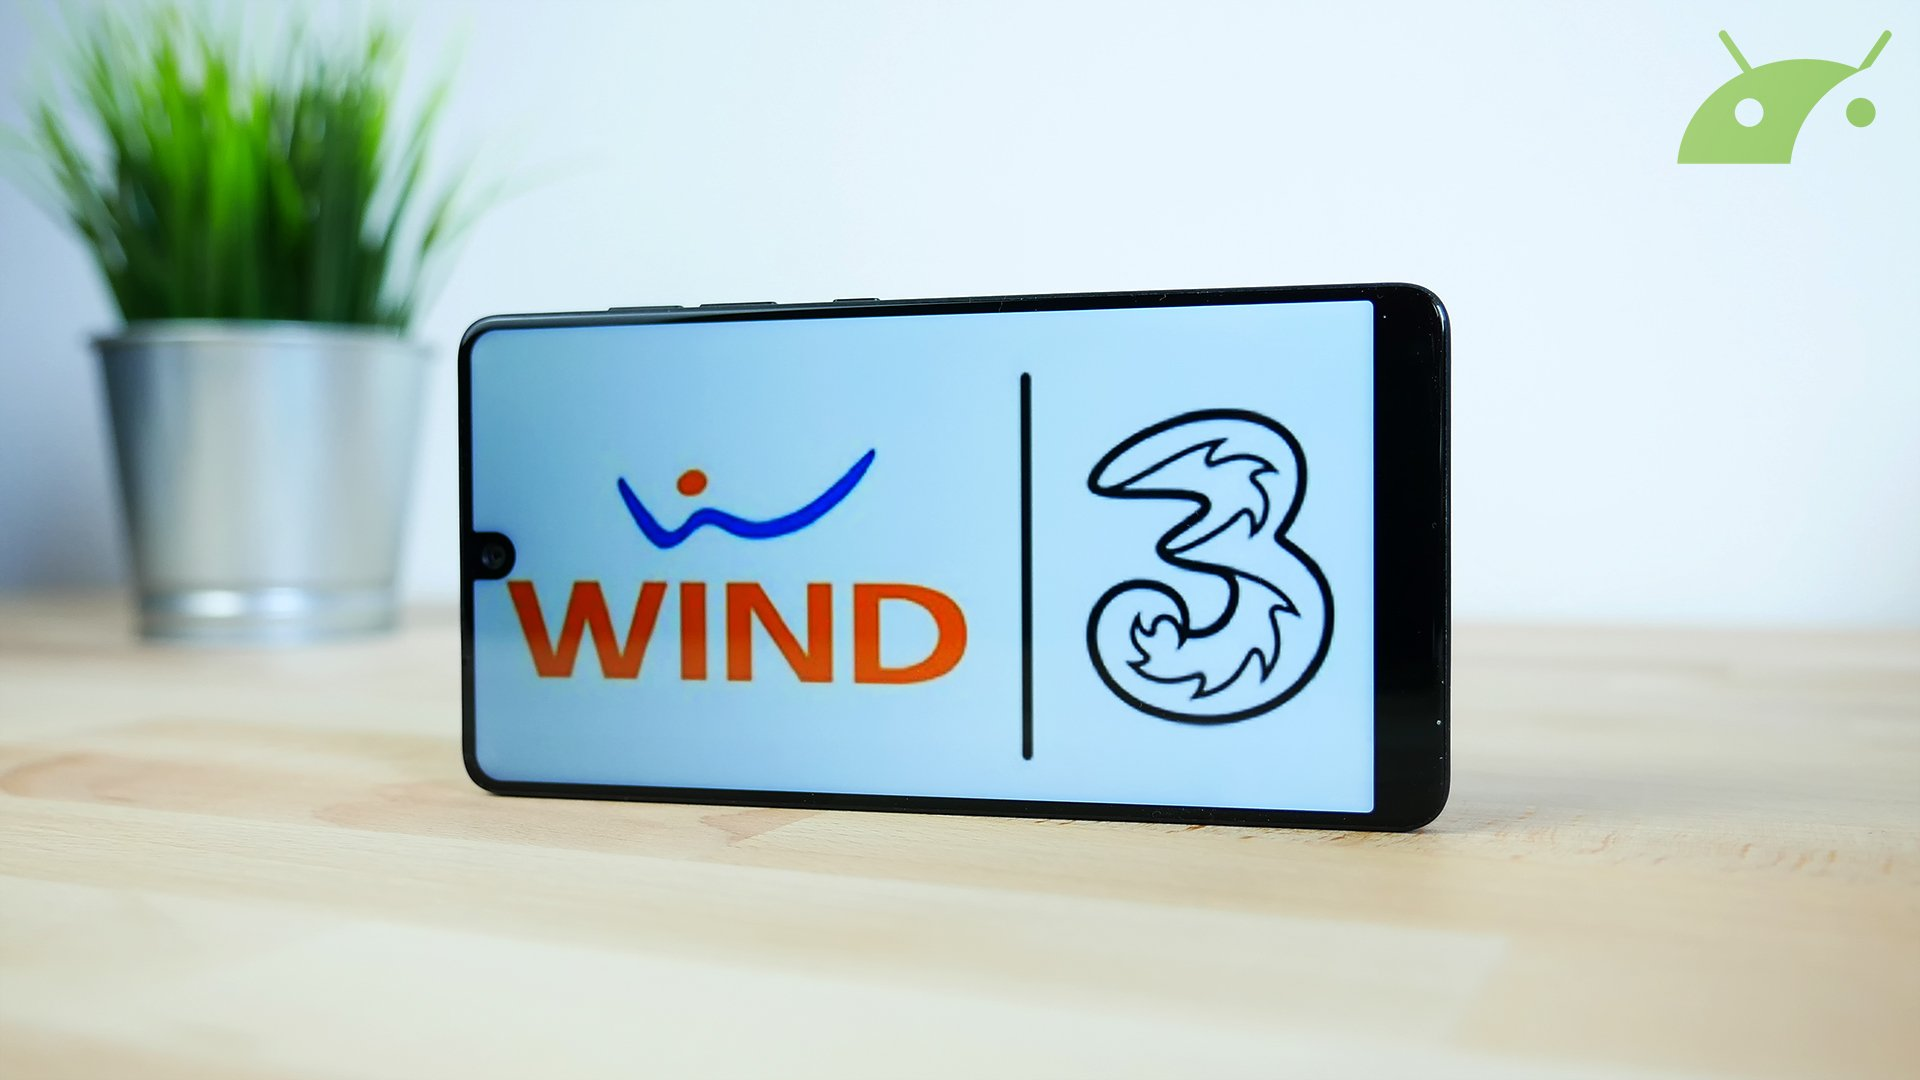 Adesso è possibile monitorare lo stato di avanzamento della rete unica Wind-Tre